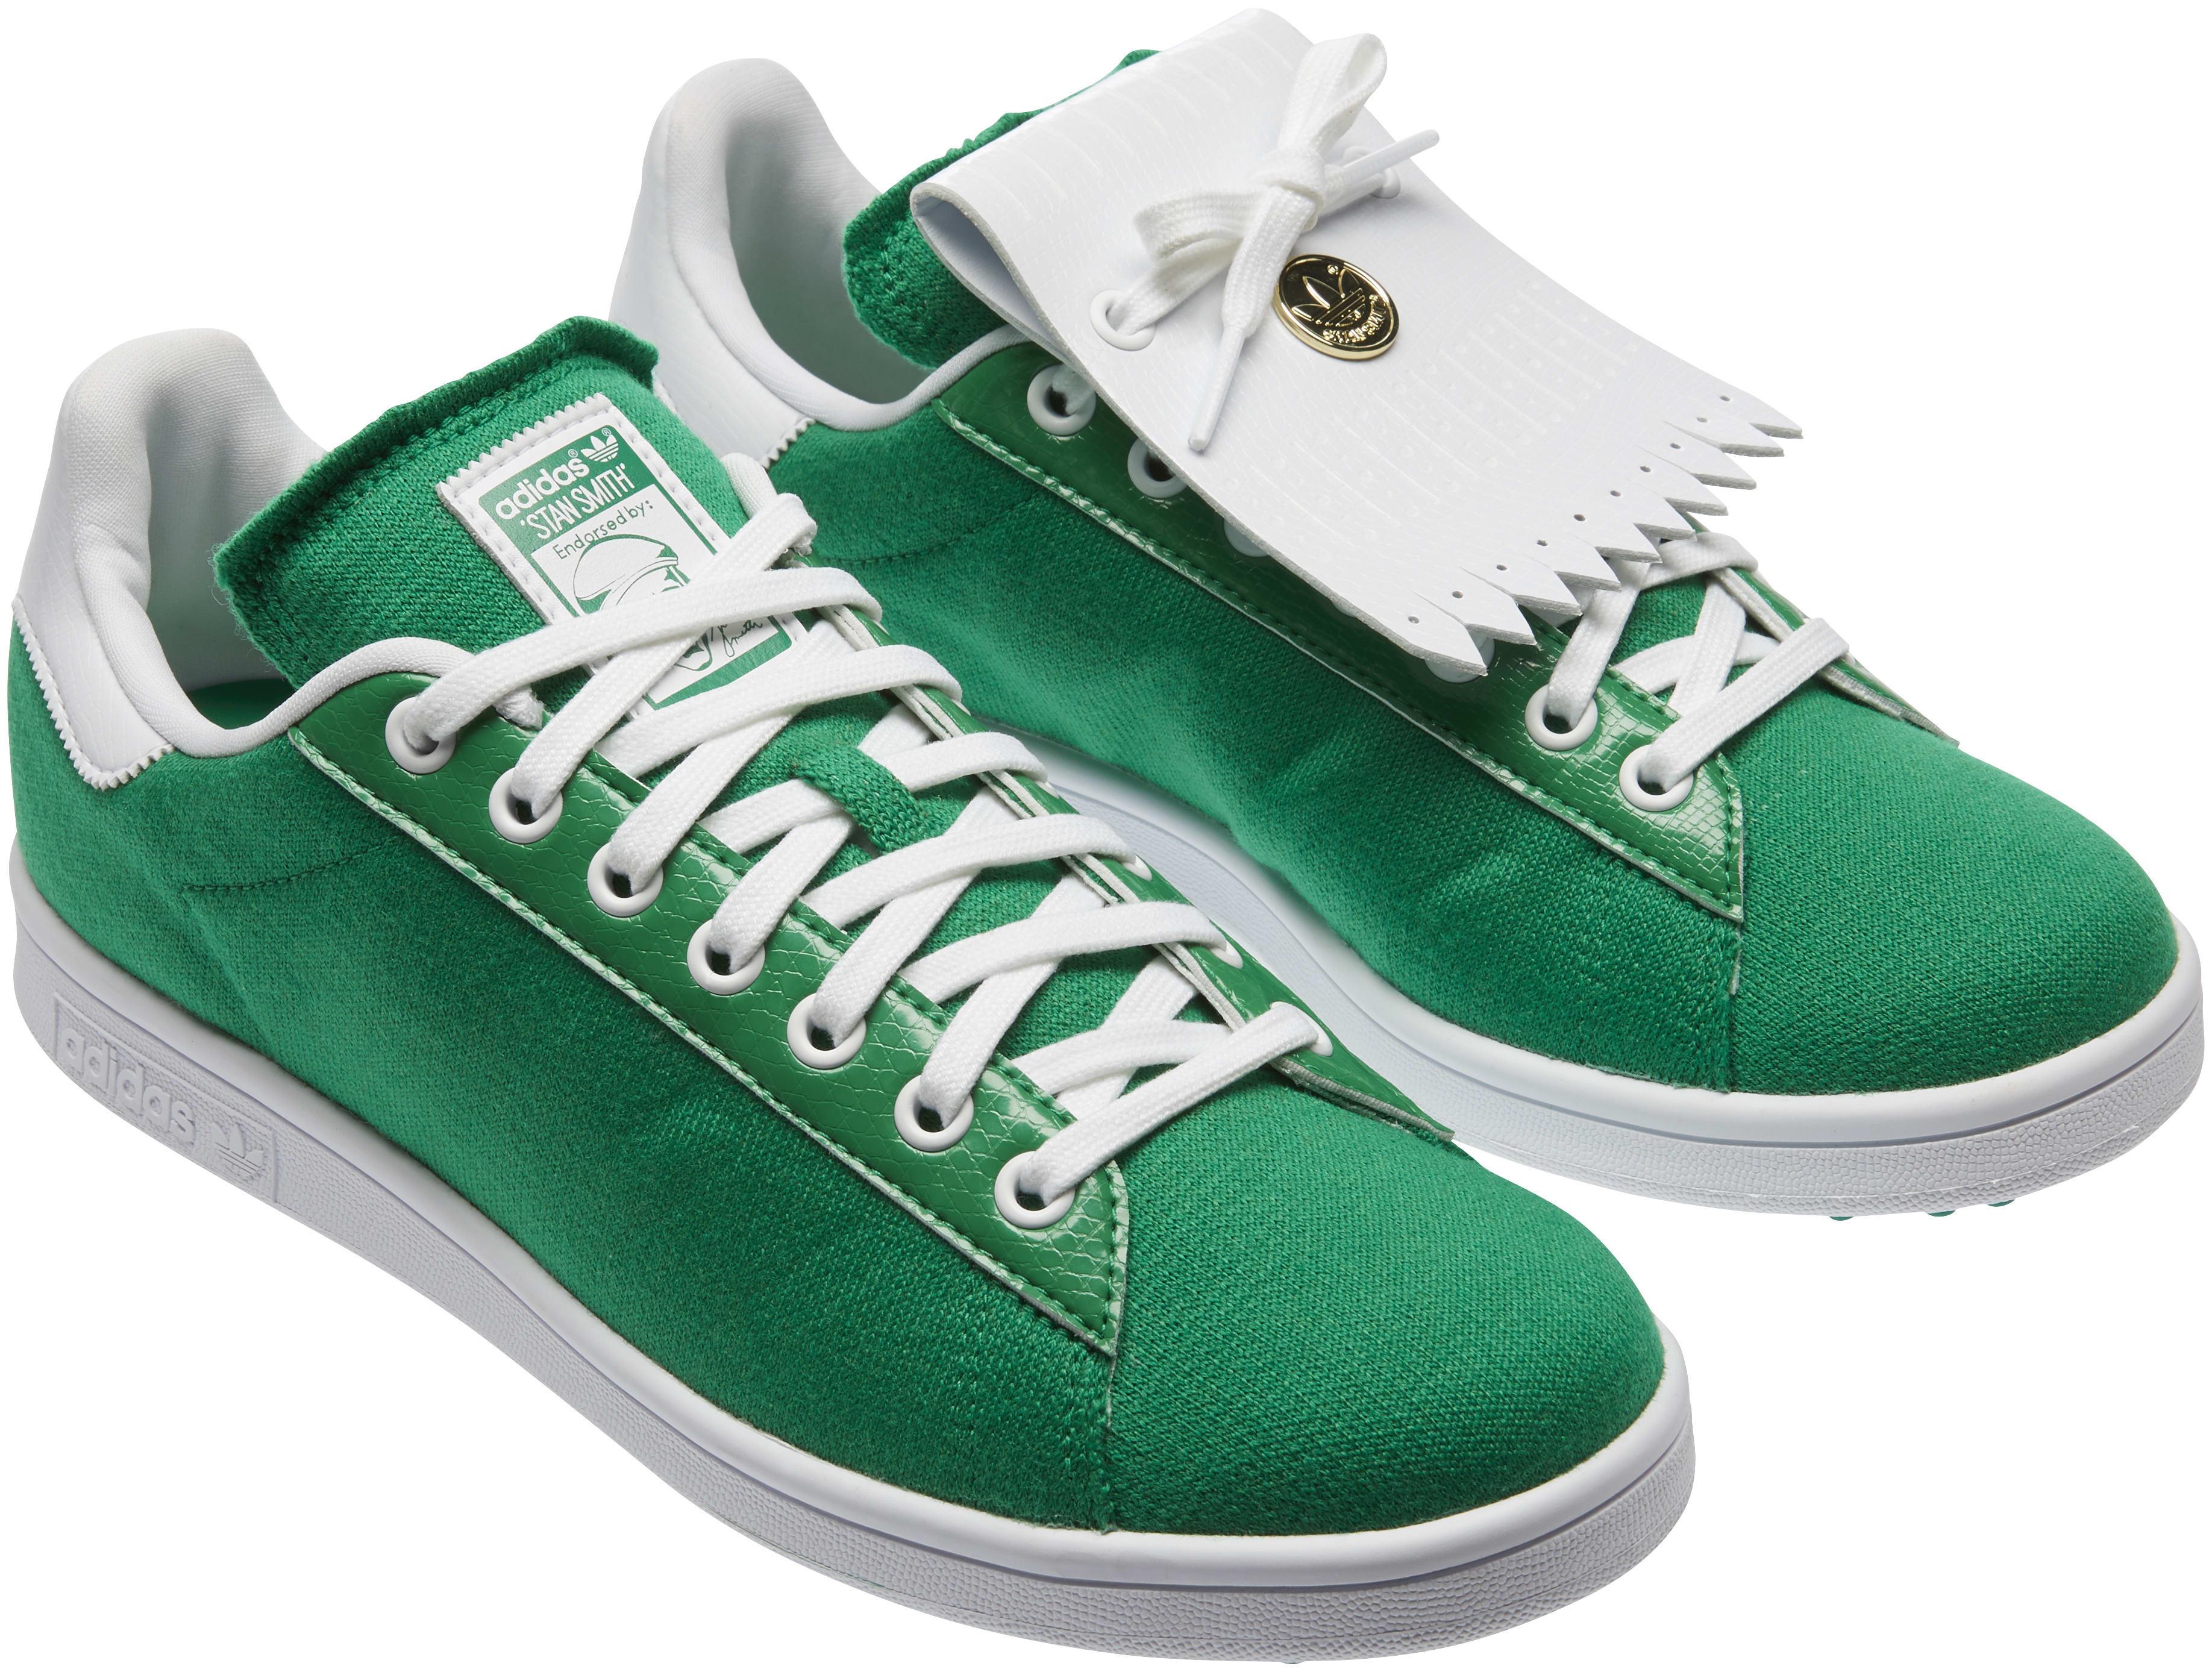 Adidas Stan Smith Golf Pair